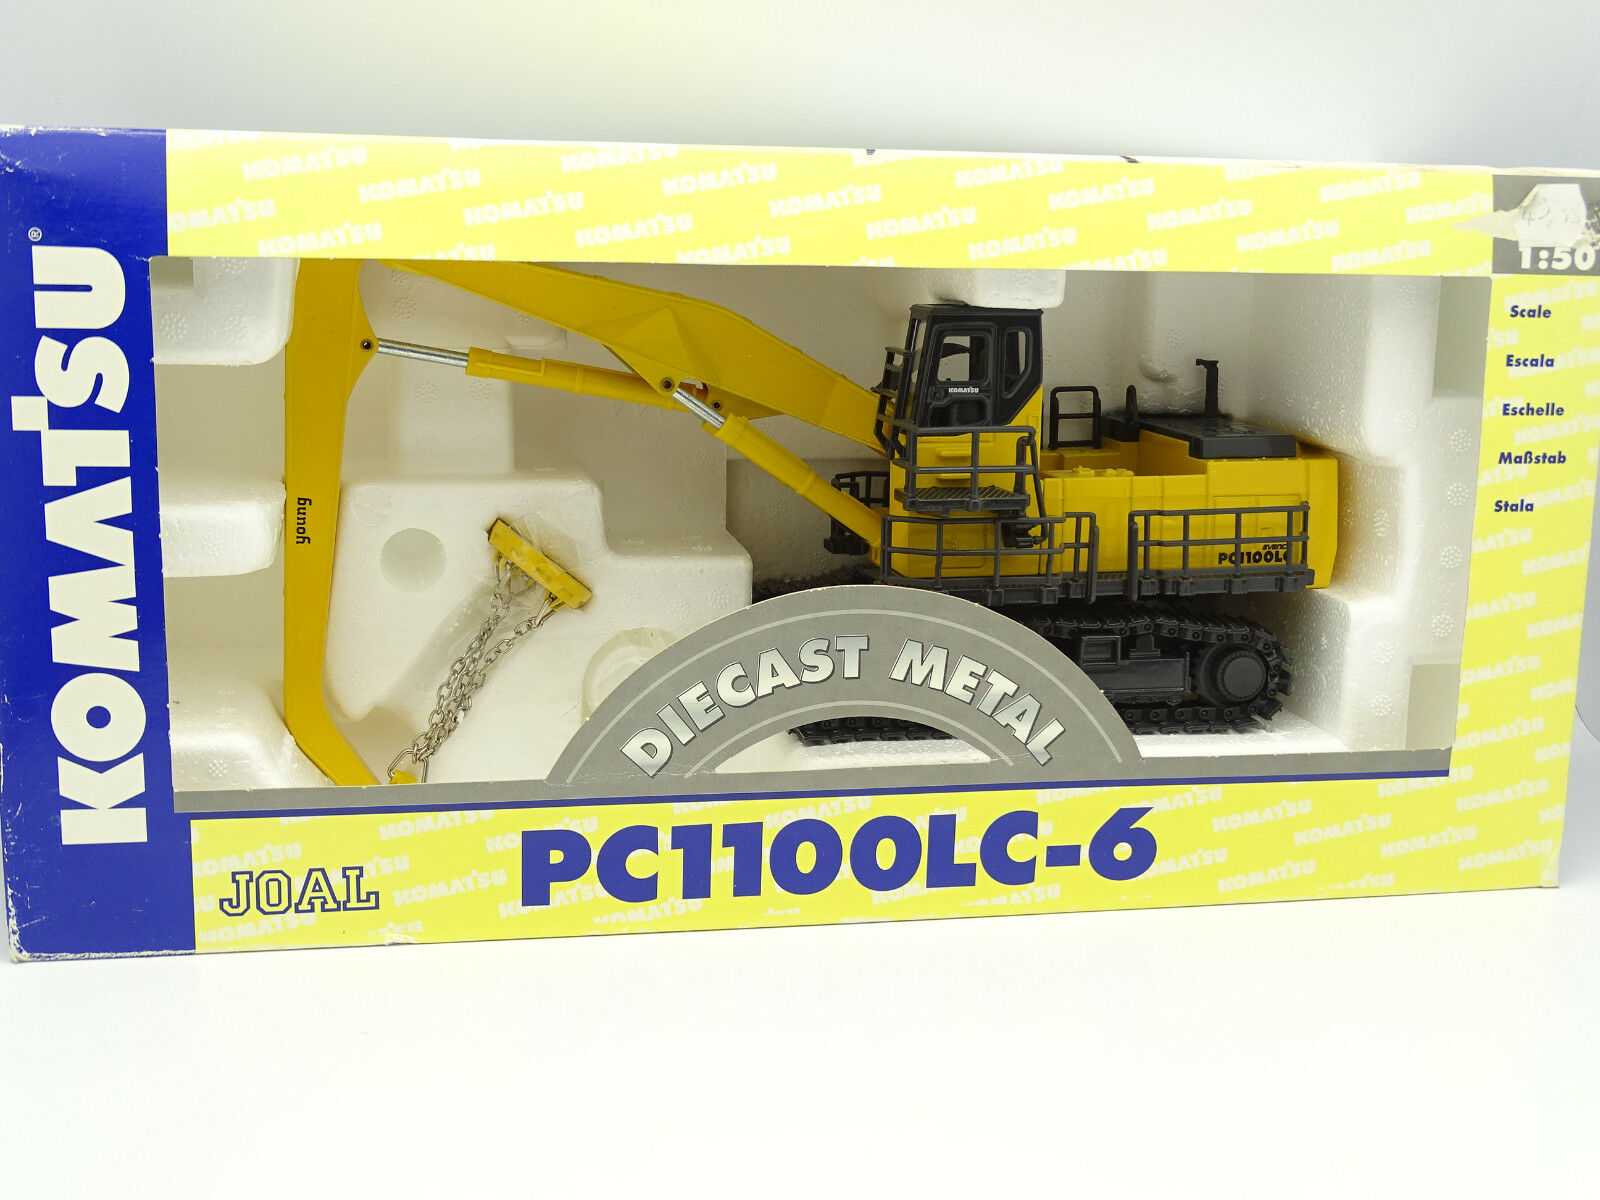 Joal  btp tp 1 50 - komatsu excavator magnet pc1100 lc6  60% de réduction